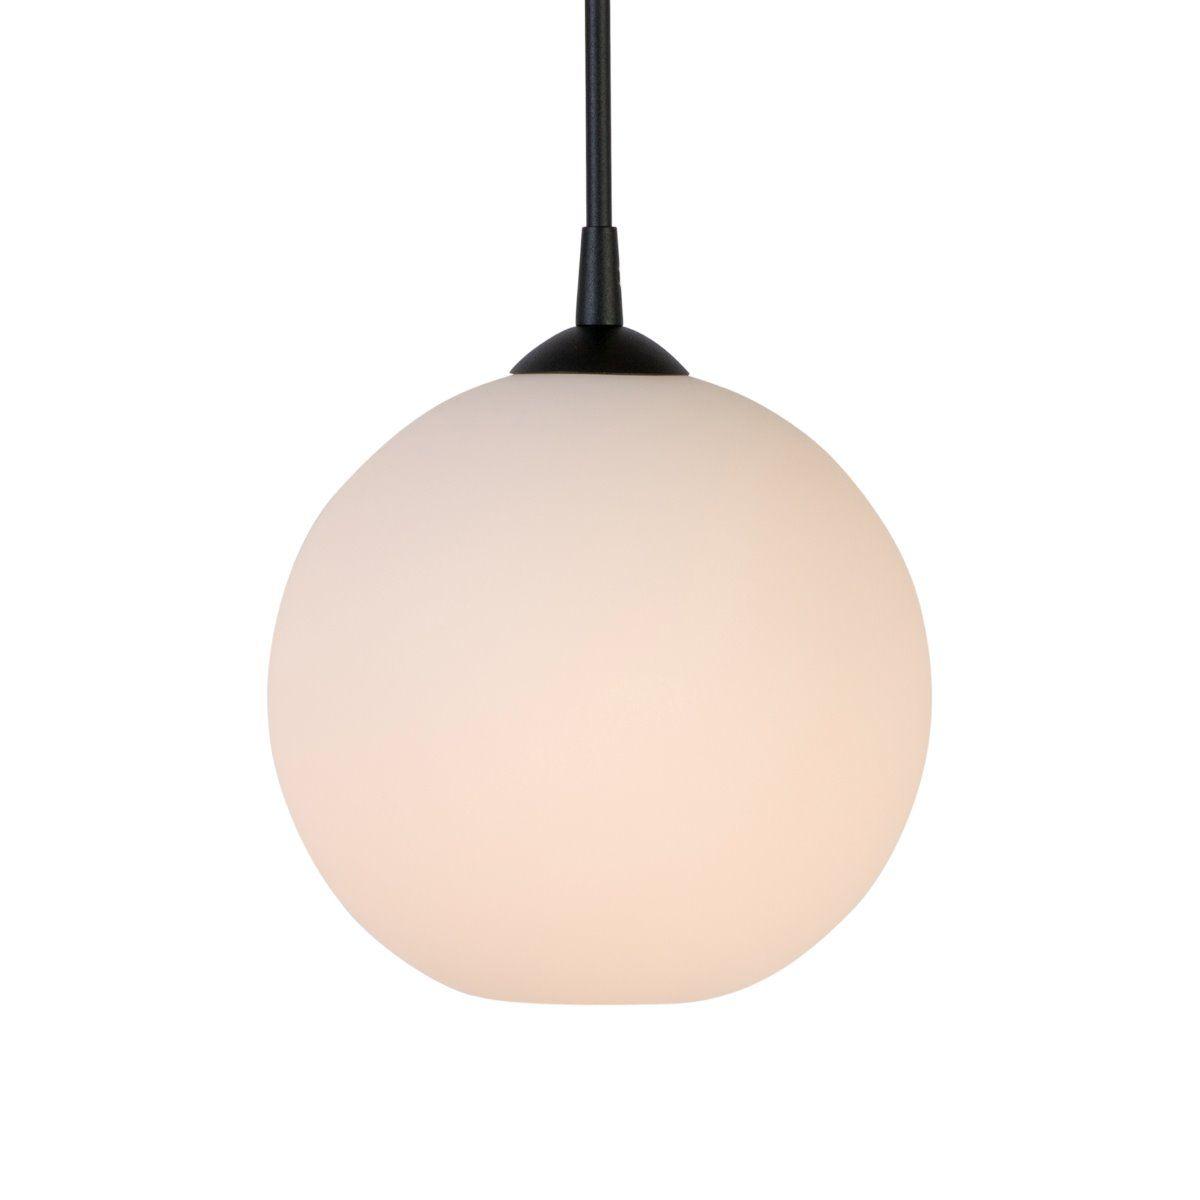 Suspension Electrique Cuisine Lampe Boule Couleur Philips Rosace Pour Suspension Multiple Blanche Suspension La Hanglamp Plafondlamp Plafondverlichting